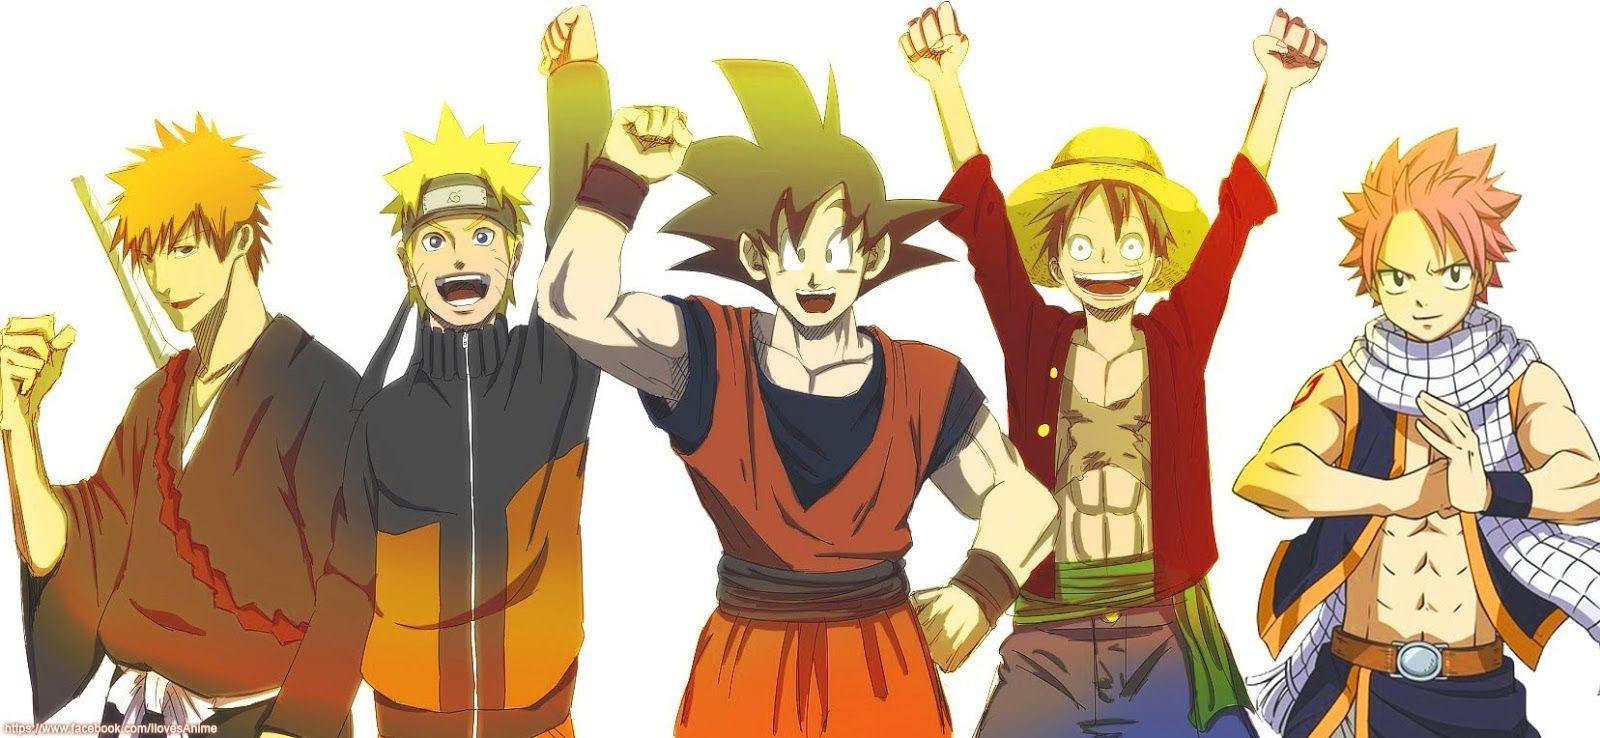 Download now the face off naruto luffy goku and ichigo daily. Pin On Naruto Sakura Sasuke